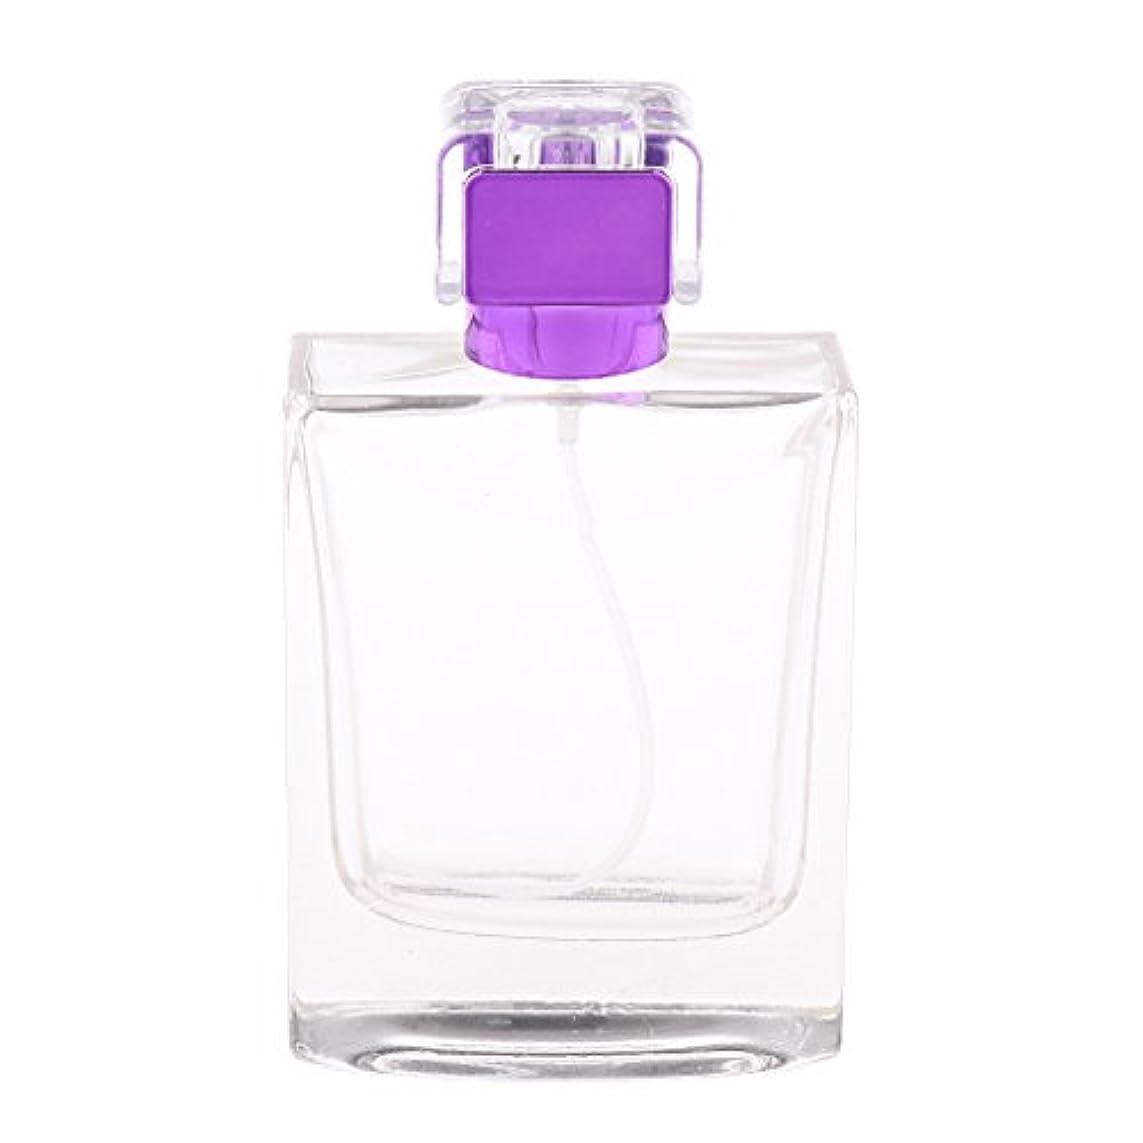 真向こう嫉妬自分のノーブランド品  100ml  矩形 香水瓶 スプレーボトル アトマイザー 詰め替え 旅行携帯便利  - 紫